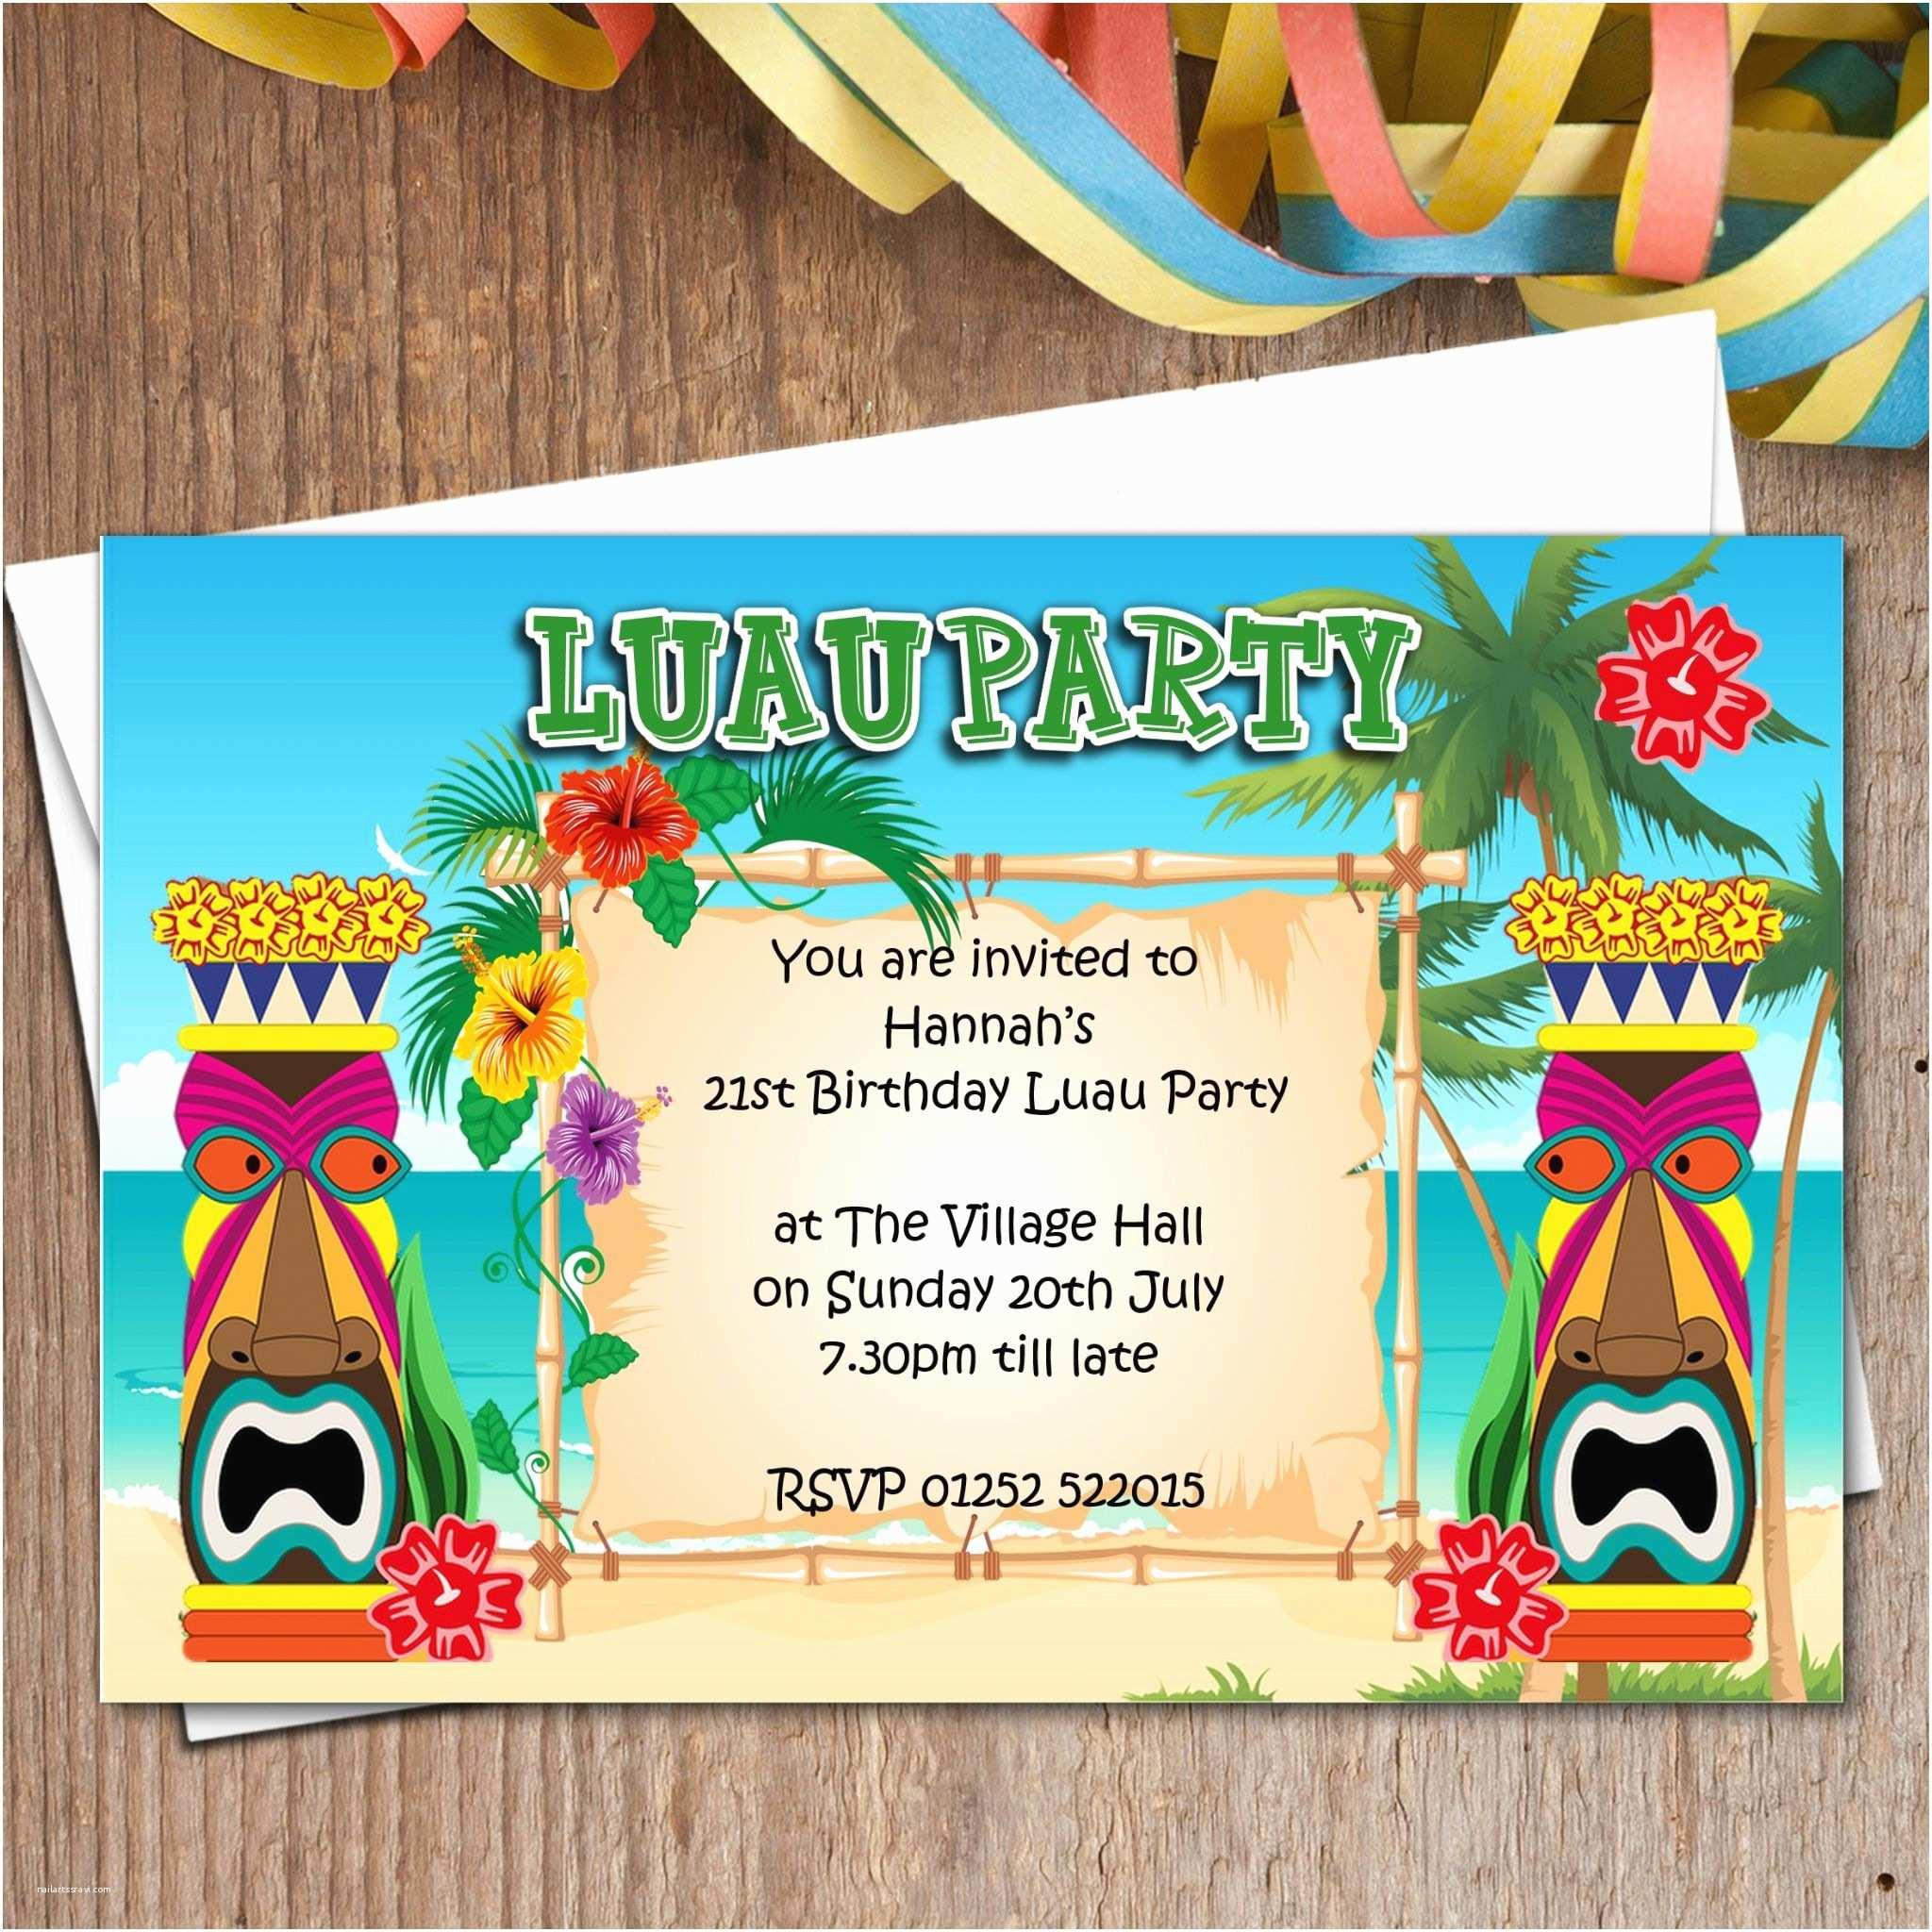 Luau Birthday Invitations 10 Personalised Luau Hawaii Party Invitations N165